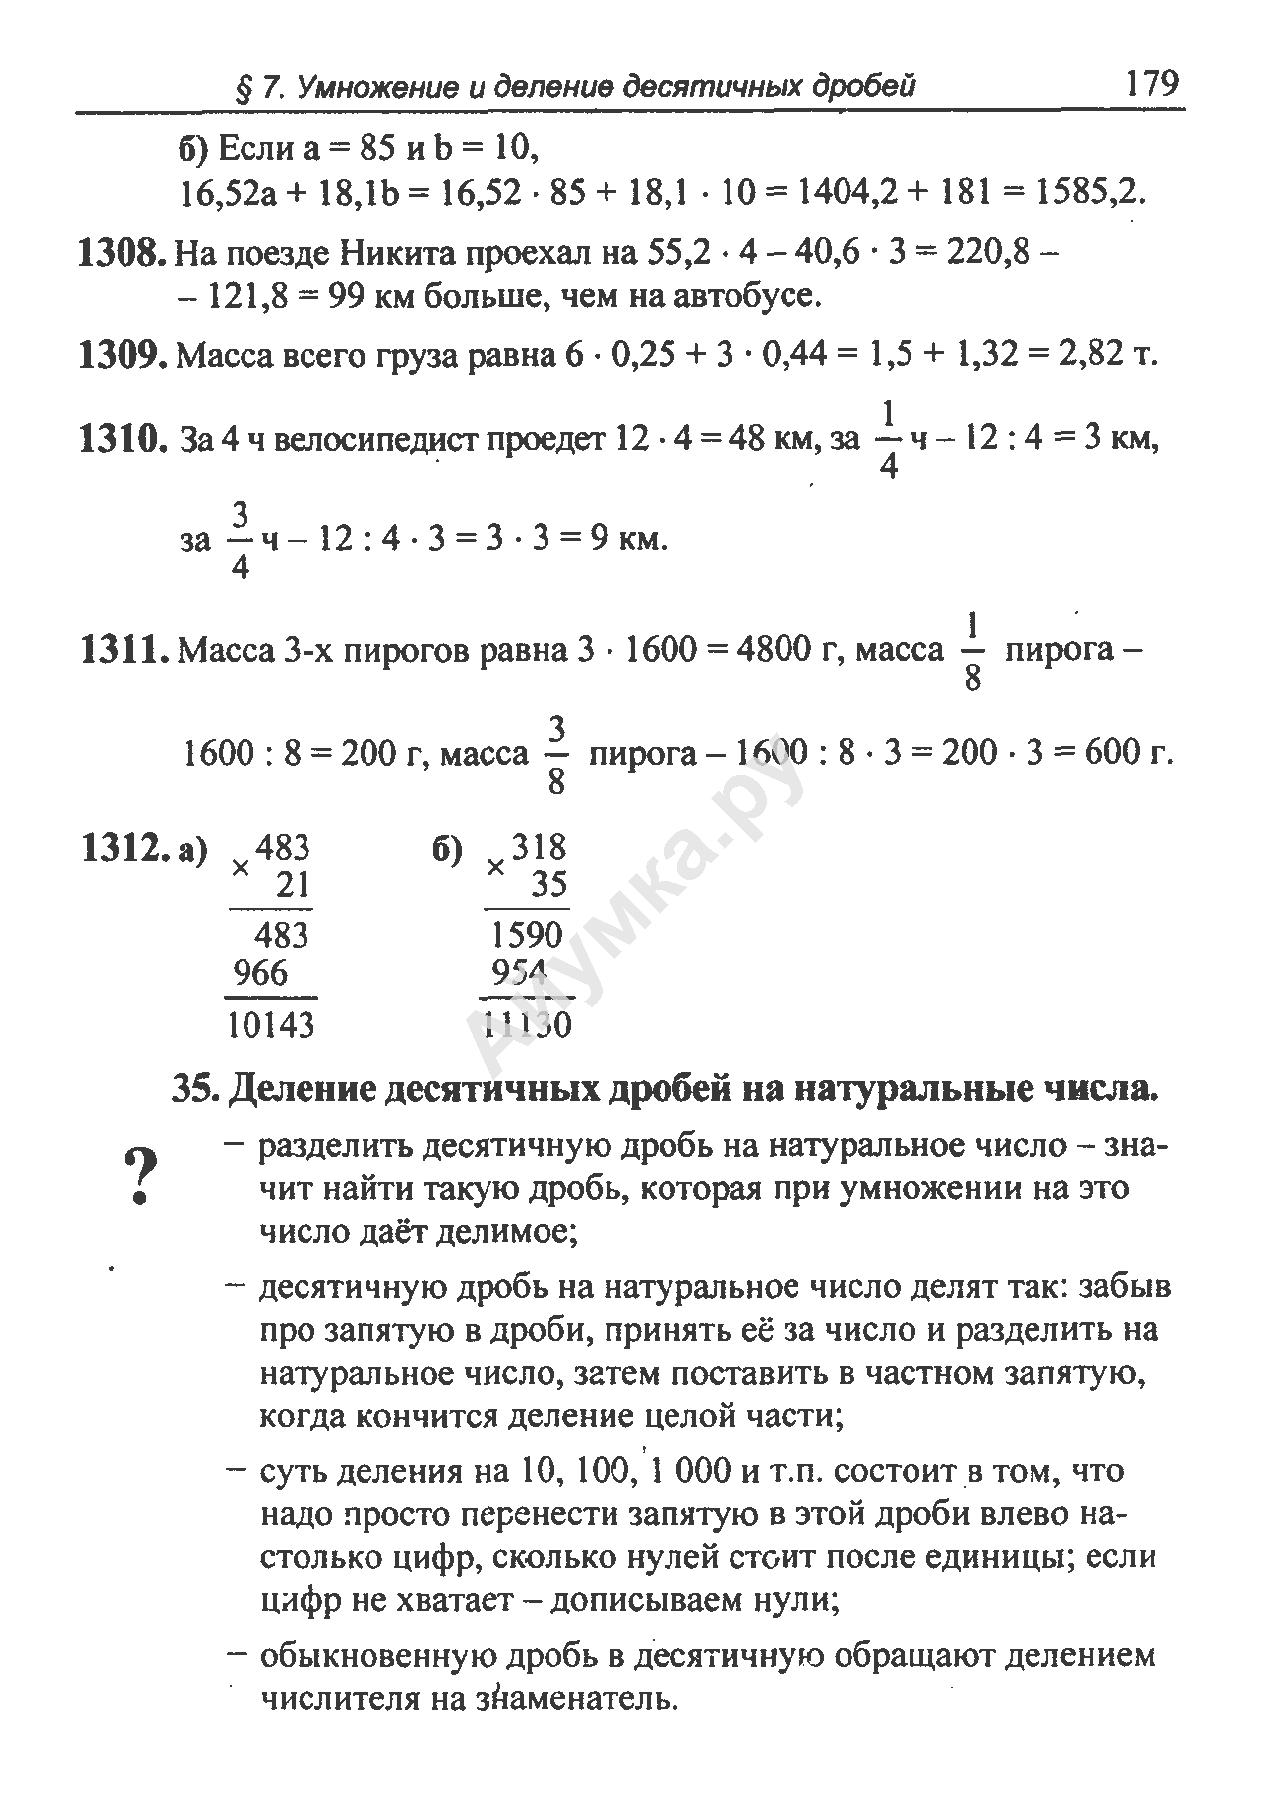 Гдз по алгебре г в дорофеева7 класса